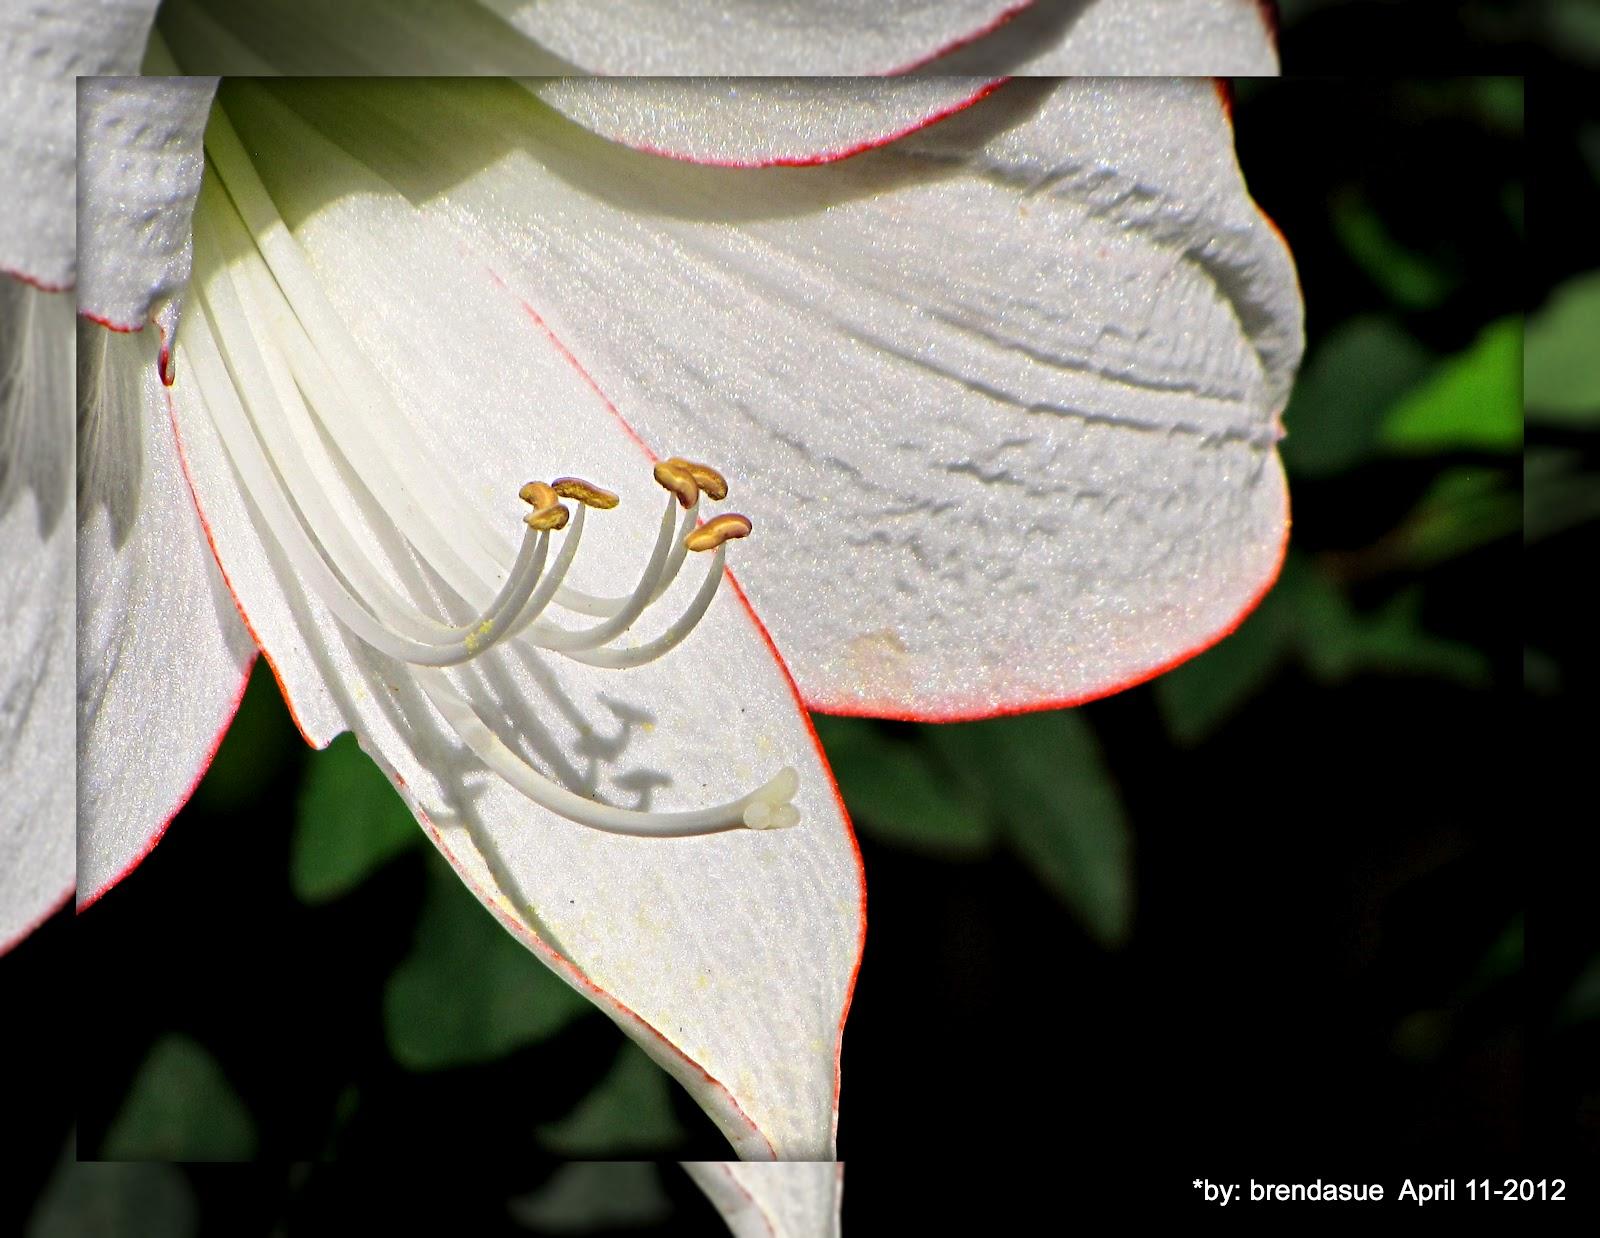 http://2.bp.blogspot.com/-ZFASFFnZyi4/T4ZdkPIbTtI/AAAAAAAATYw/9GkXGaw_ycc/s1600/399-001.JPG